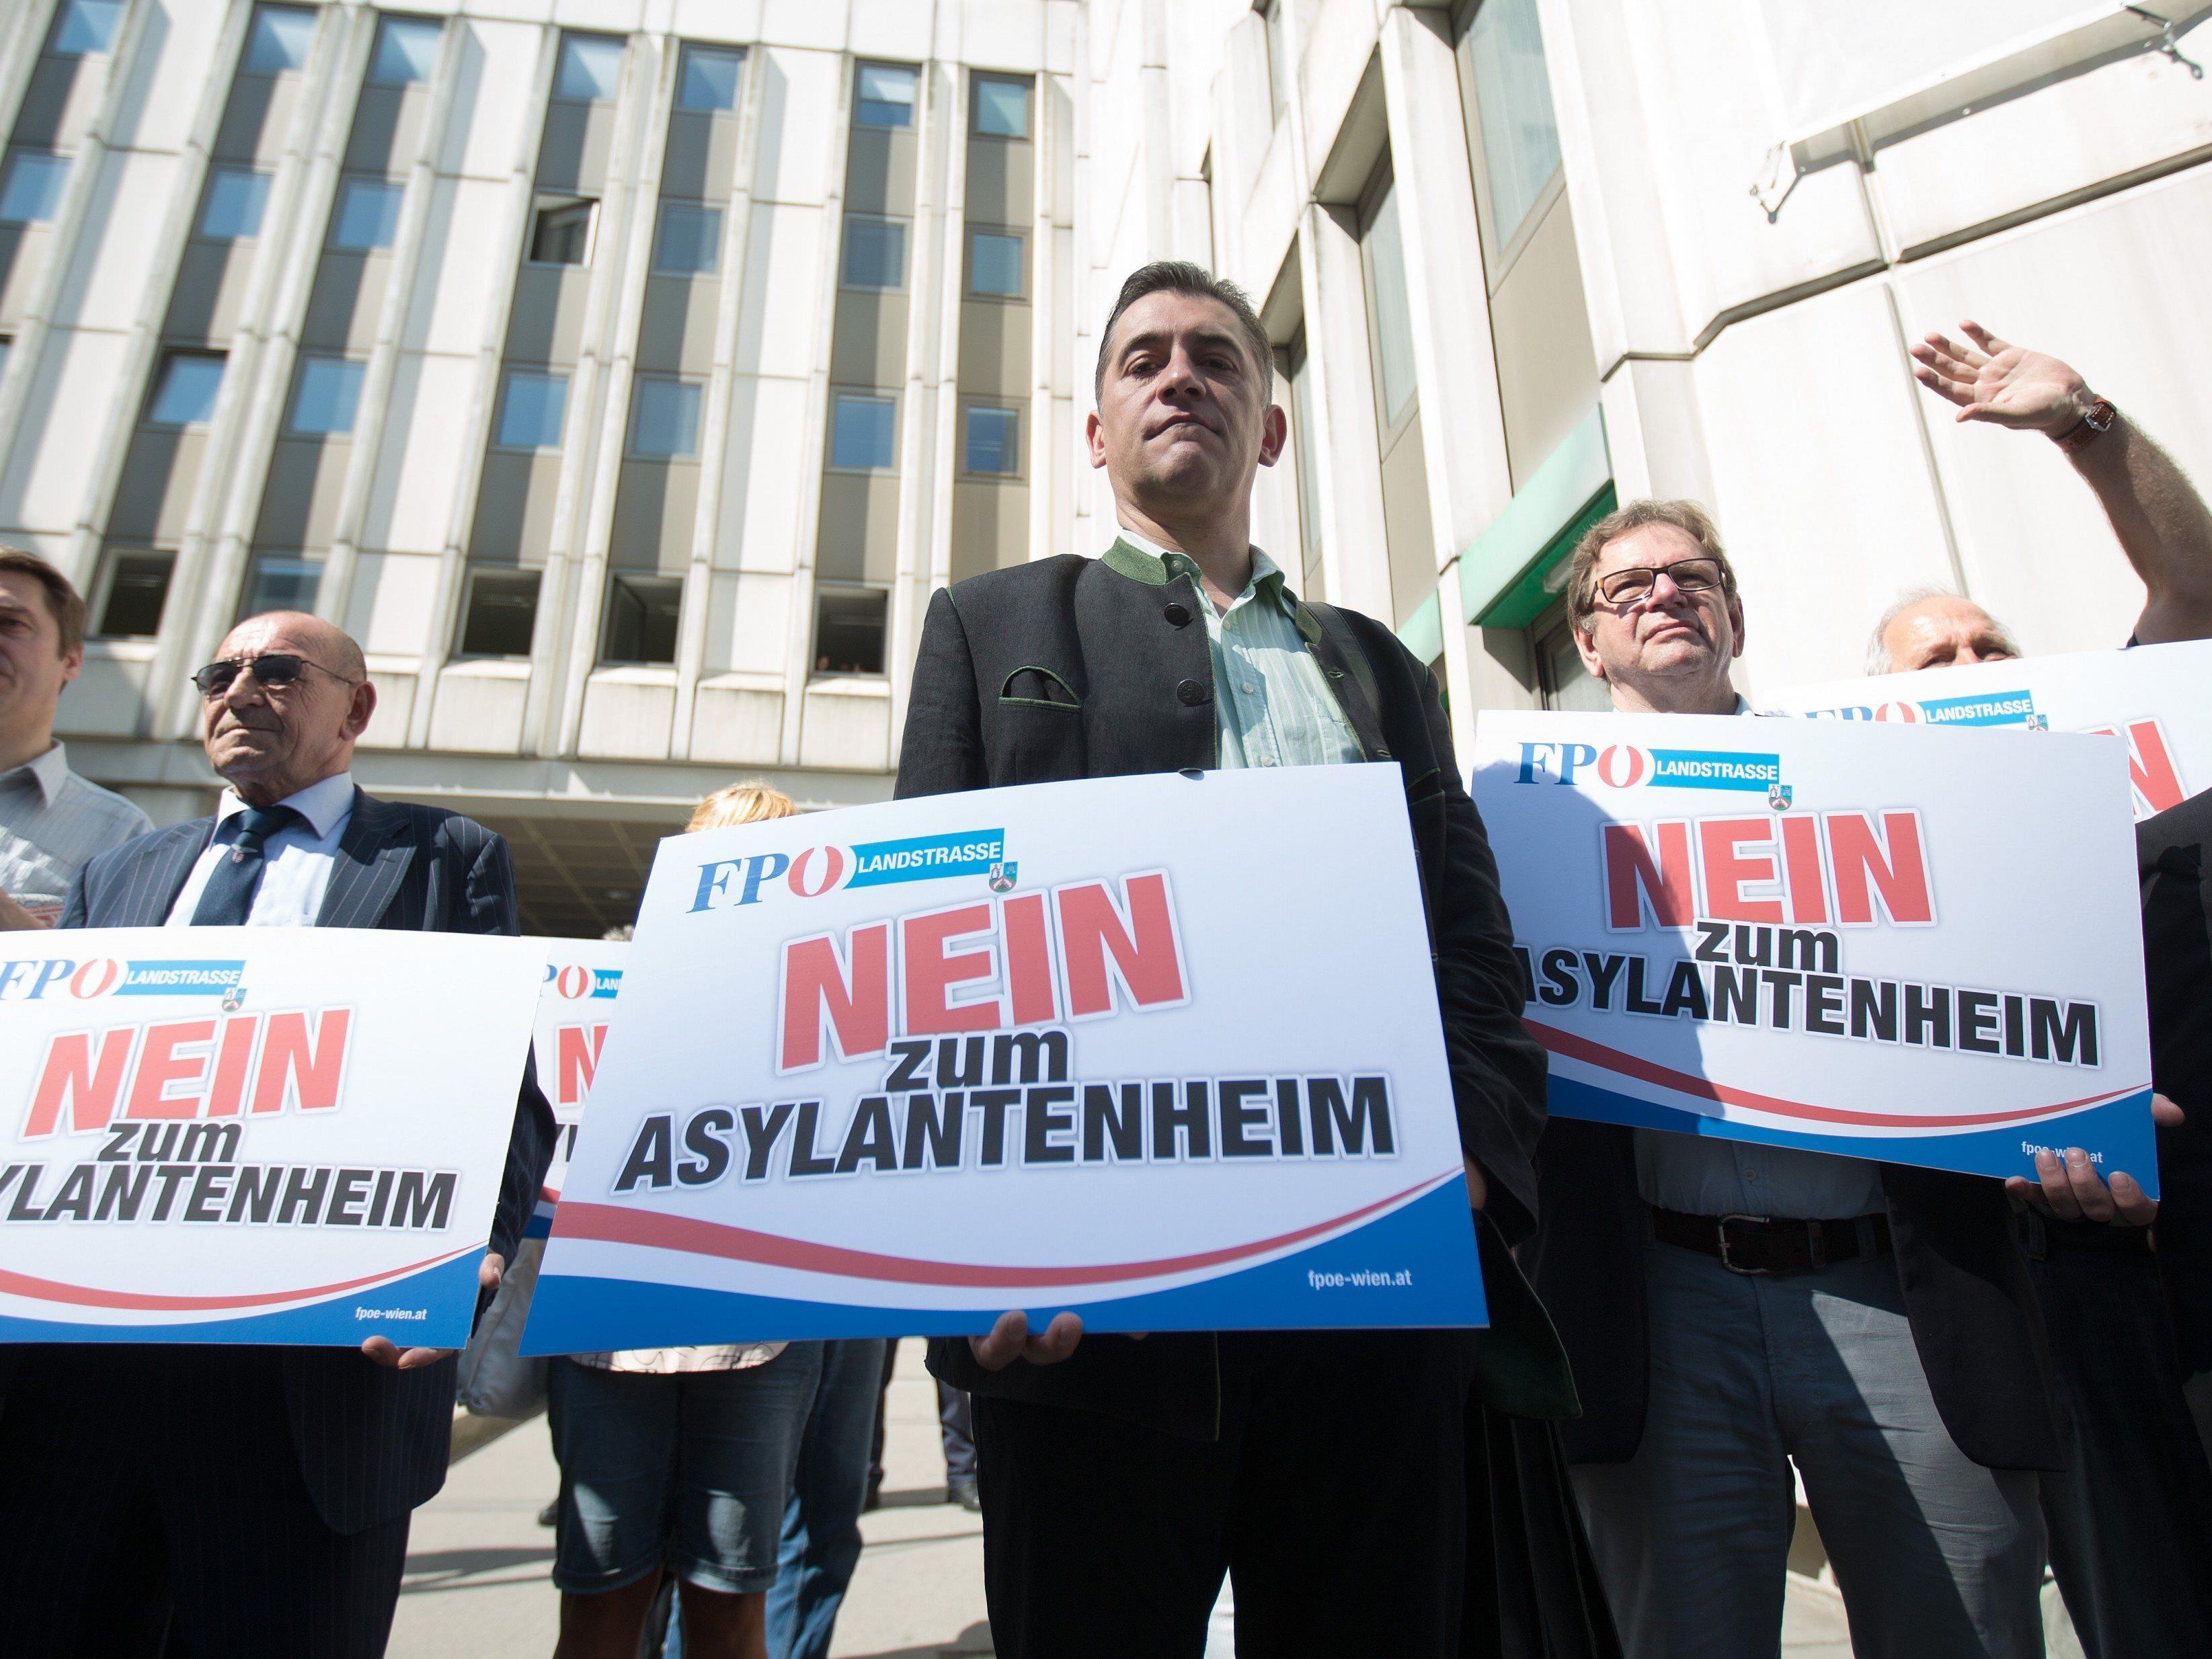 FPÖ-Landstraße ließ durch ihre Protestaktion bereits aufhorchen.